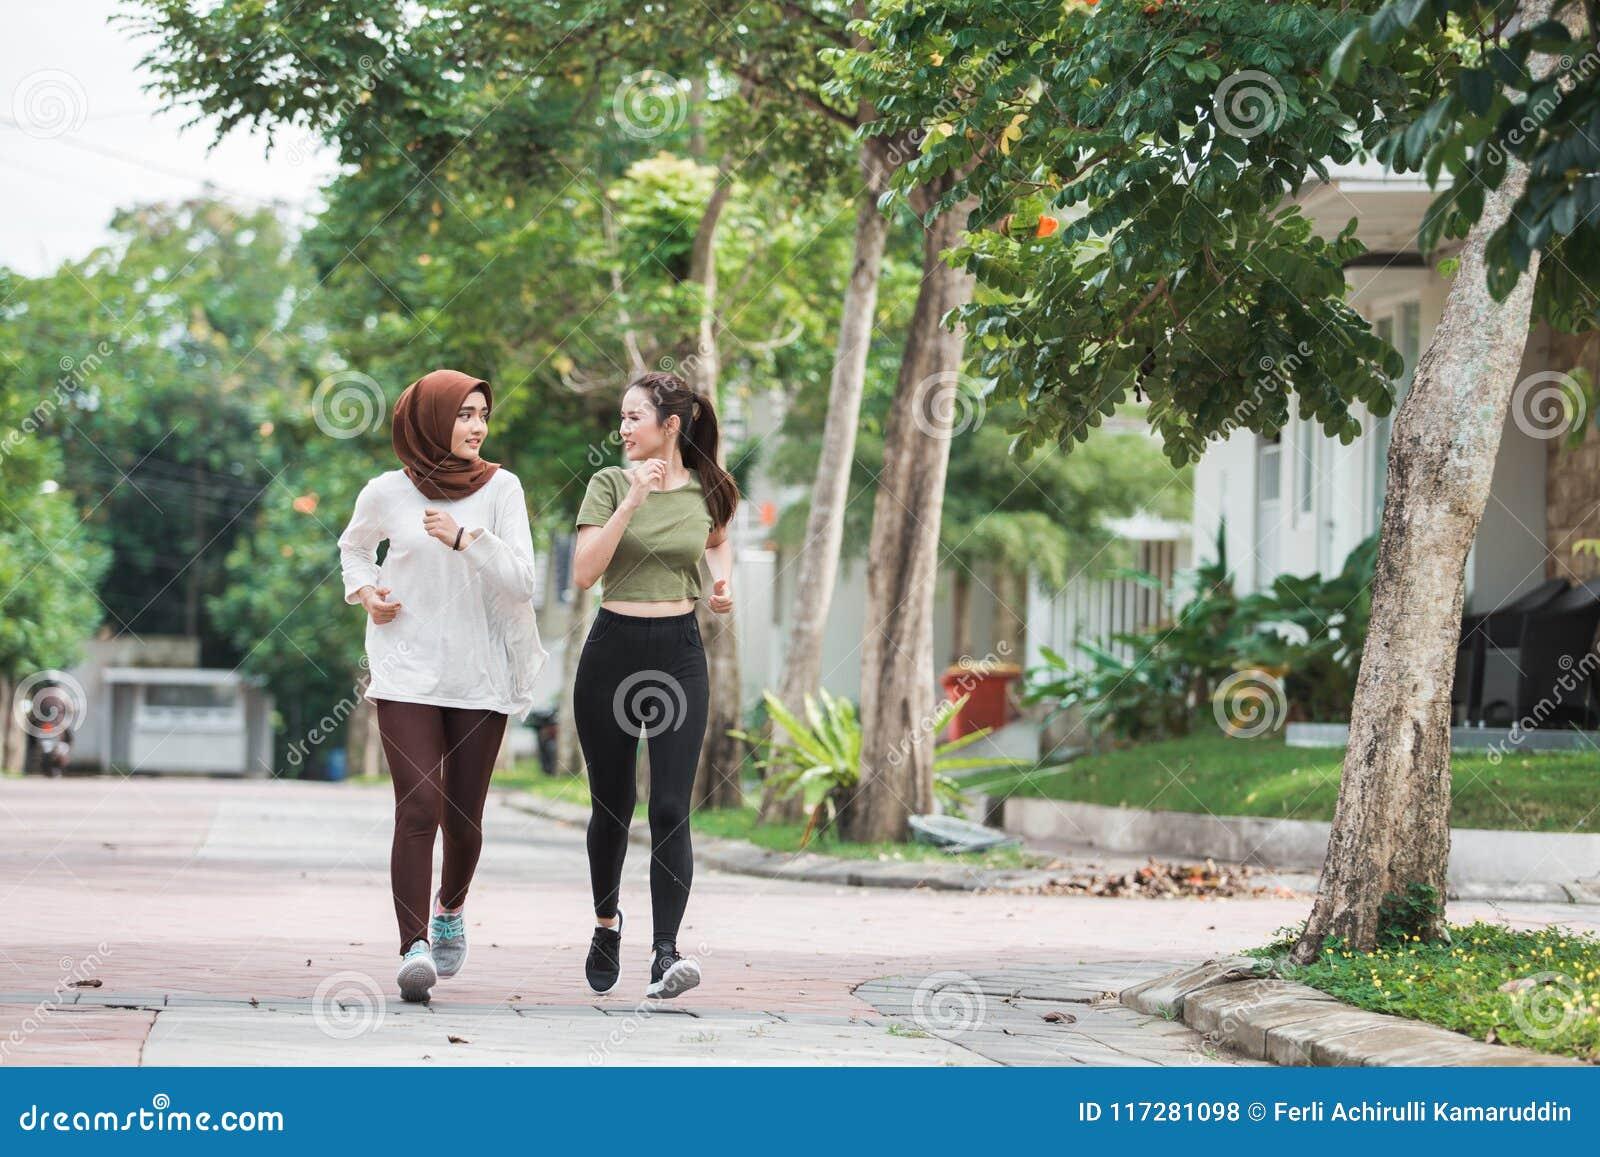 Glückliche junge asiatische Frauenübung und -aufwärmen